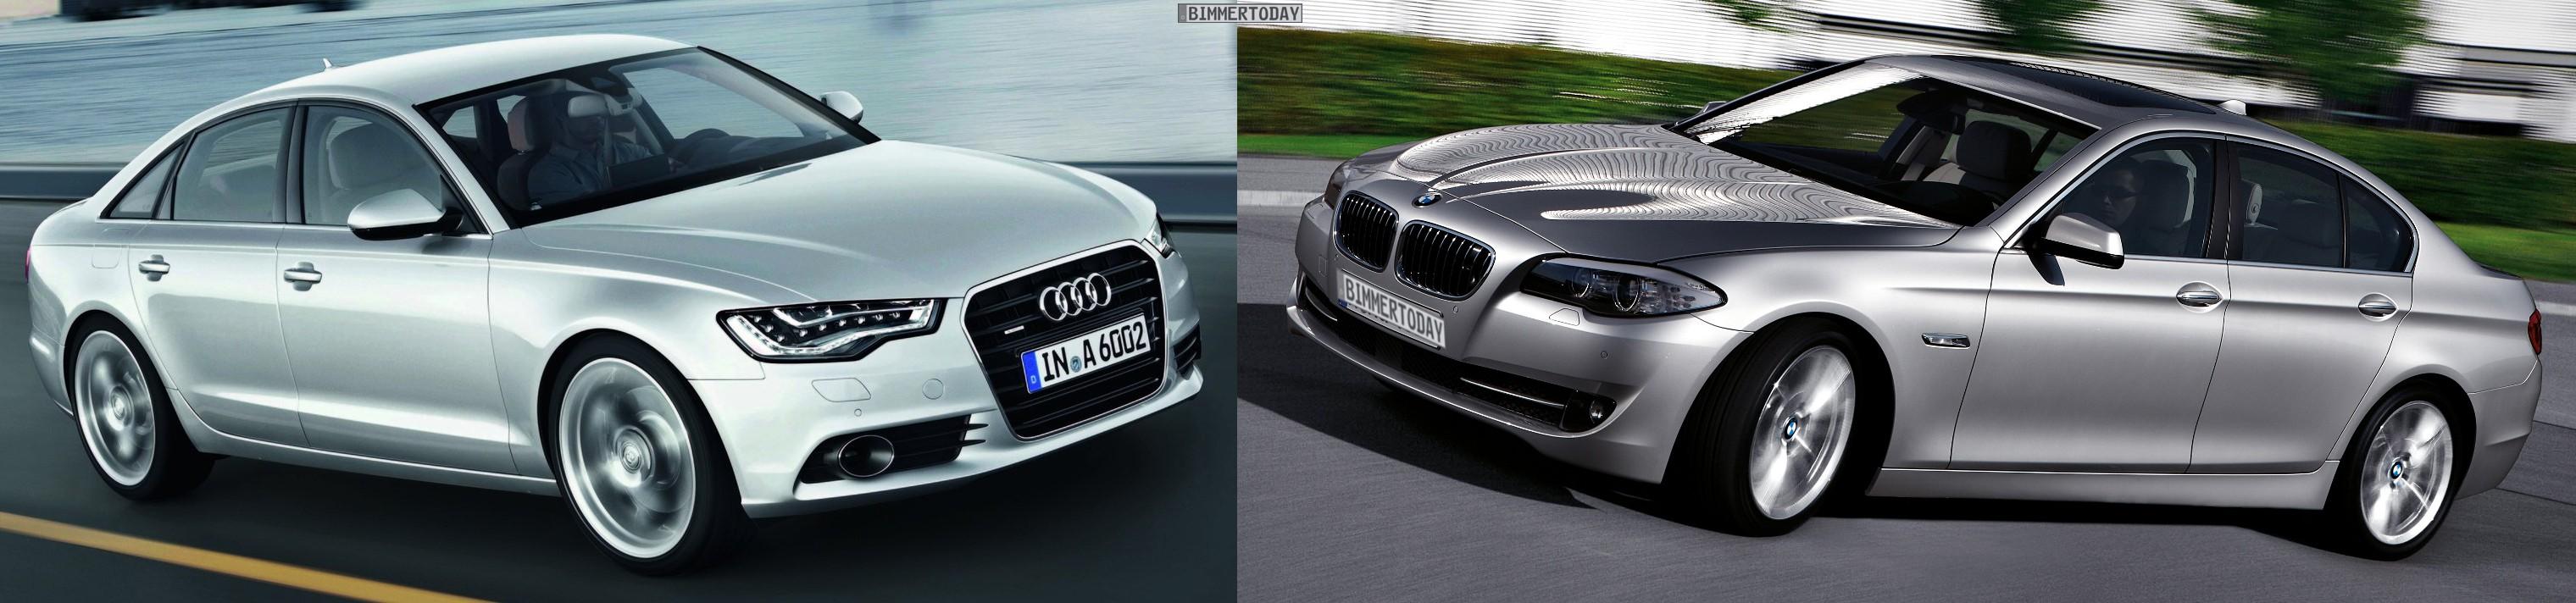 Audi A6 C7 BMW 5er F10 Bildvergleich Front schraeg